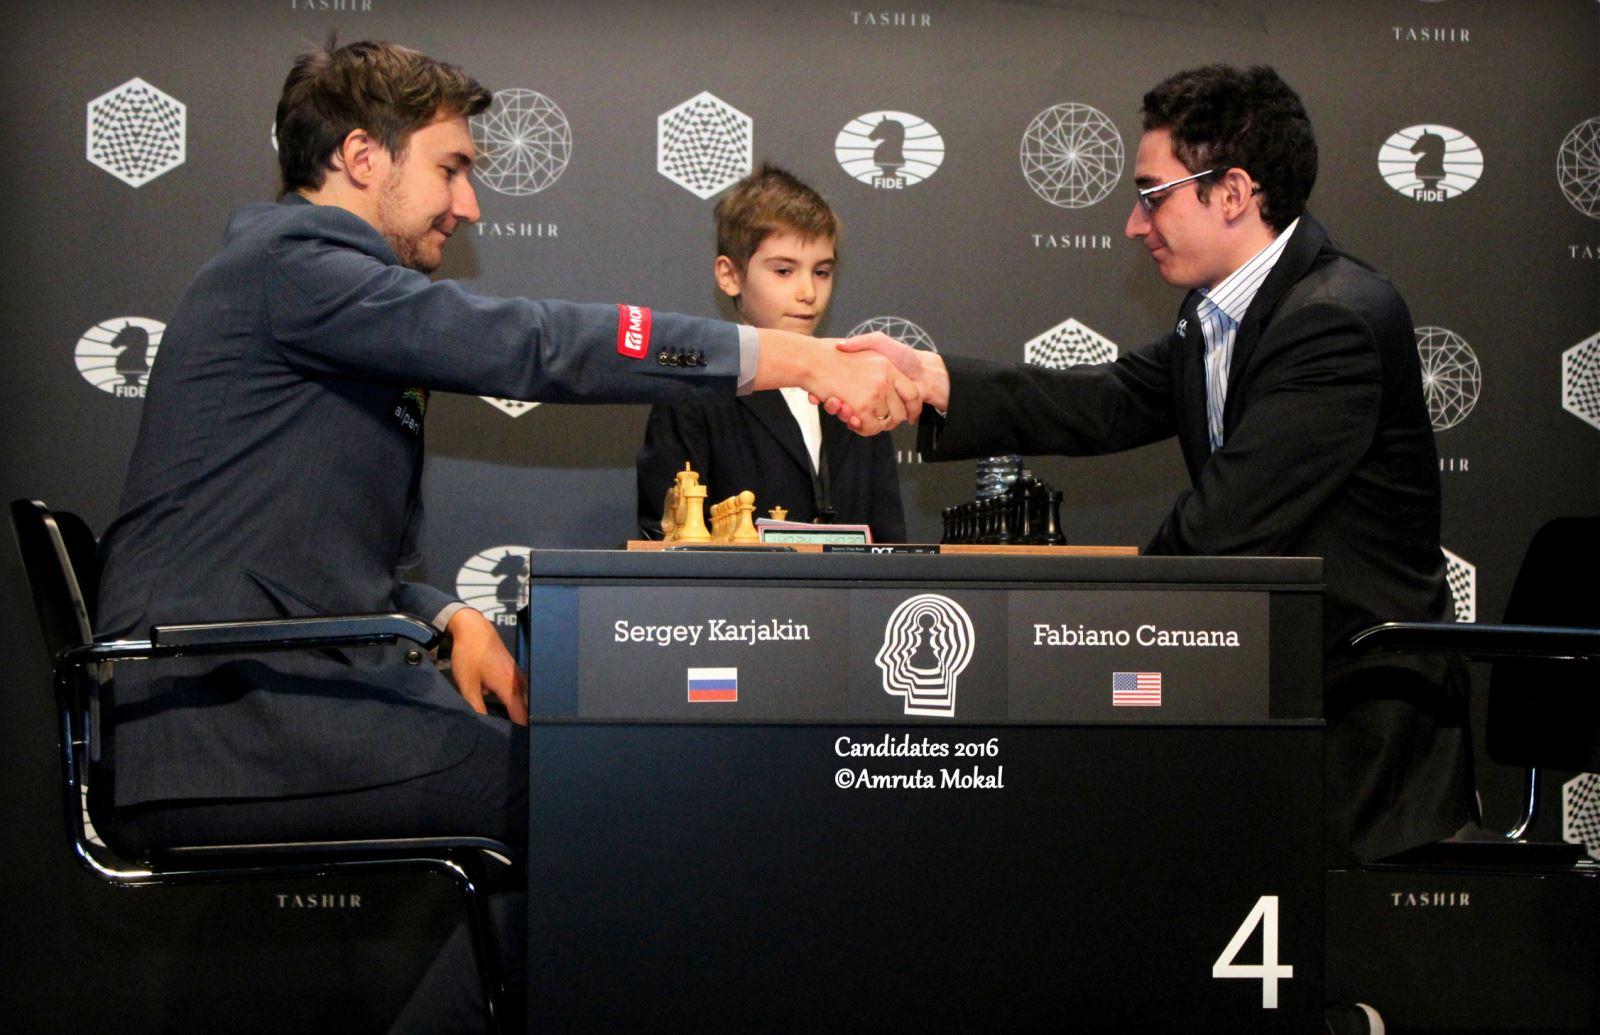 Le duel décisif entre Sergey Karjakin et Fabiano Caruana dans ce tournoi d'échecs des candidats - Photo © Amruta Mokal